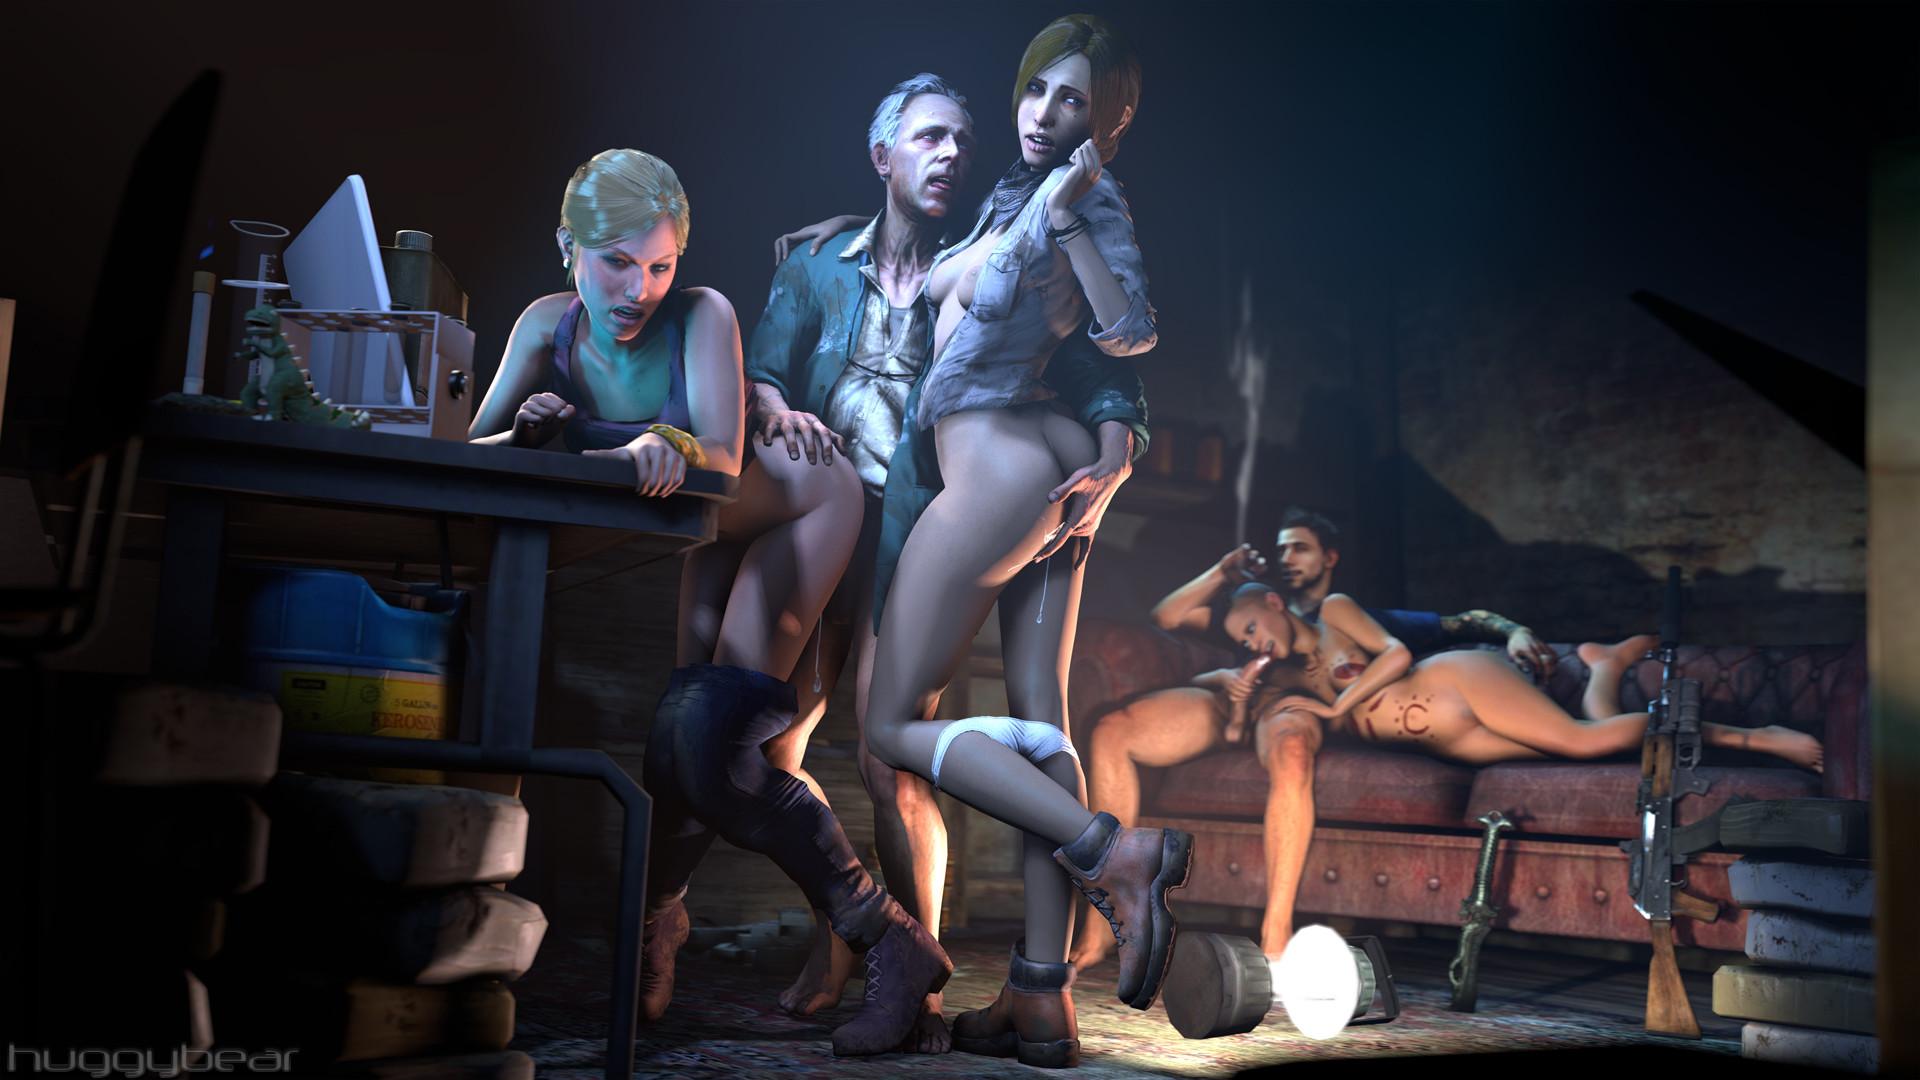 Порно фото игроманов, порно с актерами театра